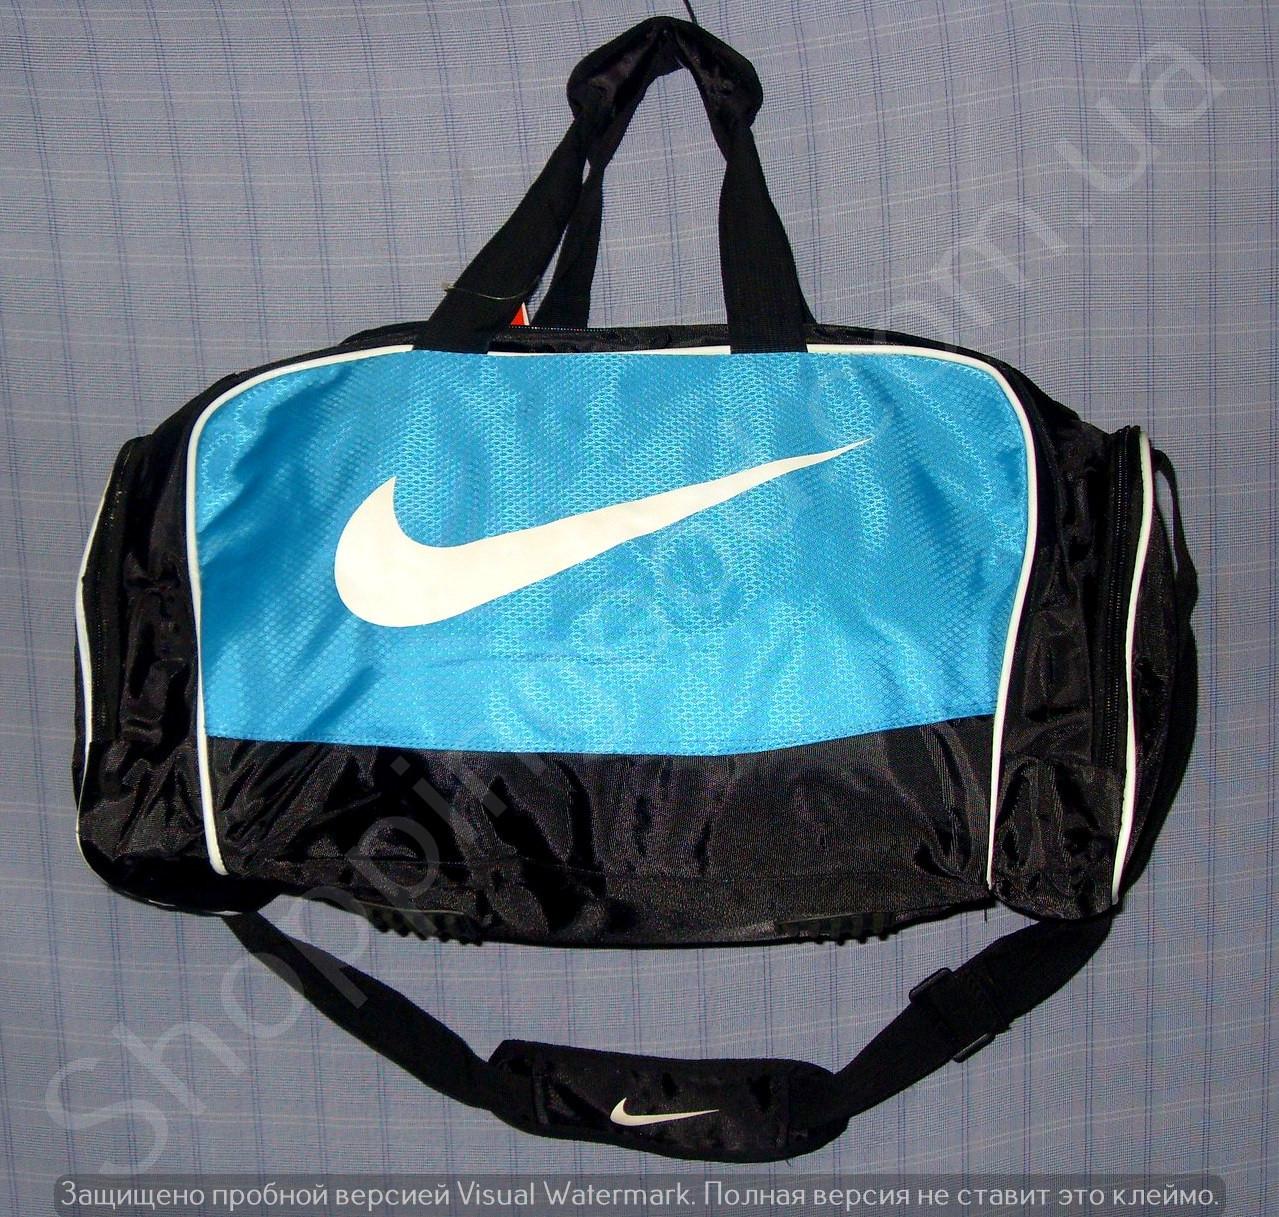 7bb349fa164b Багажная сумка 114138 средняя (50х27х23, см) черная с голубым спортивная  копия из полиэстера